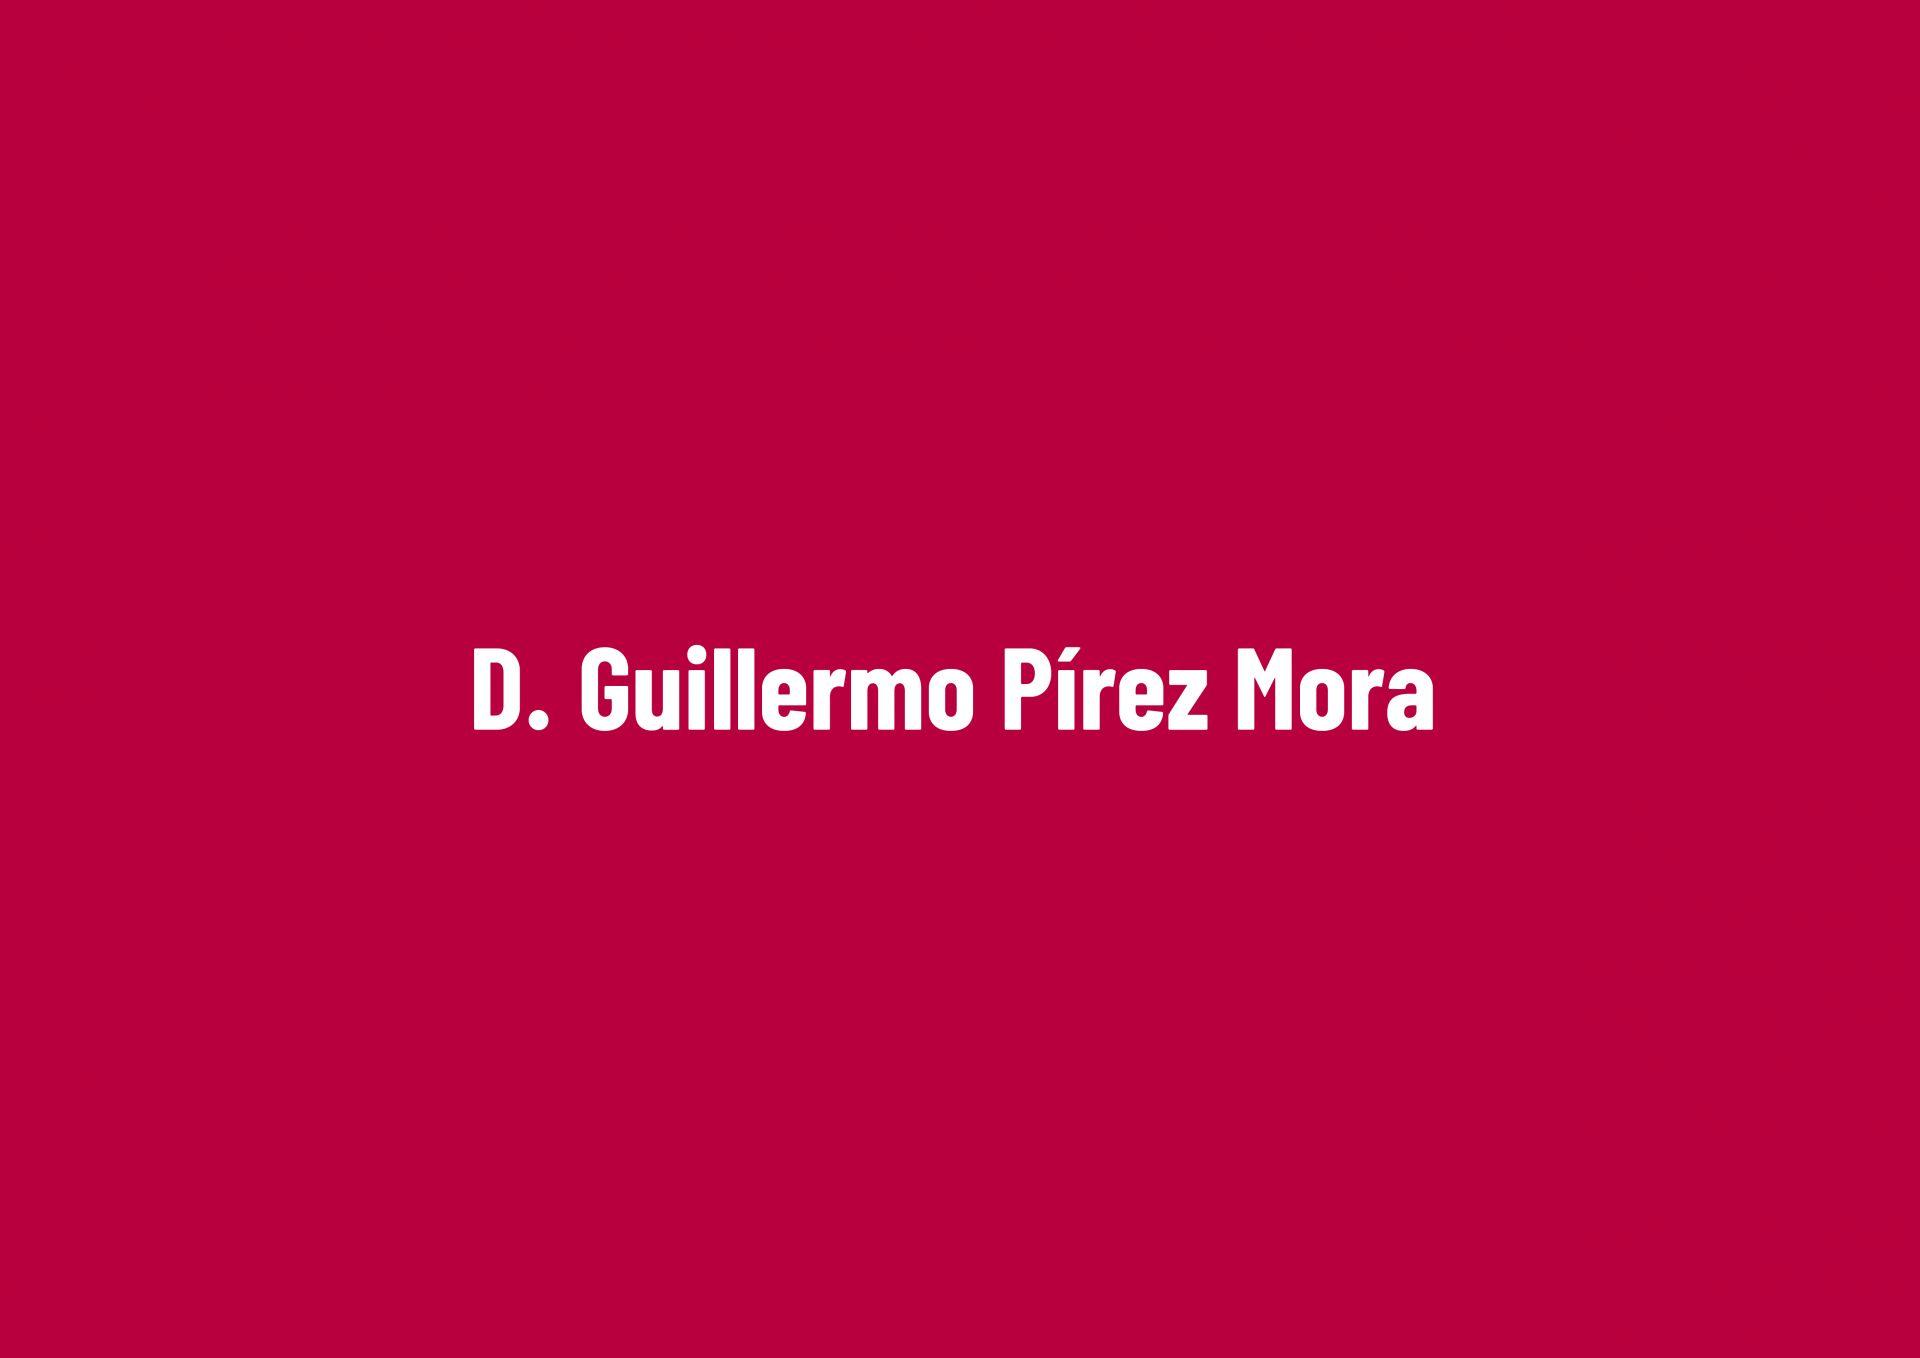 D. Guillermo Pírez Mora